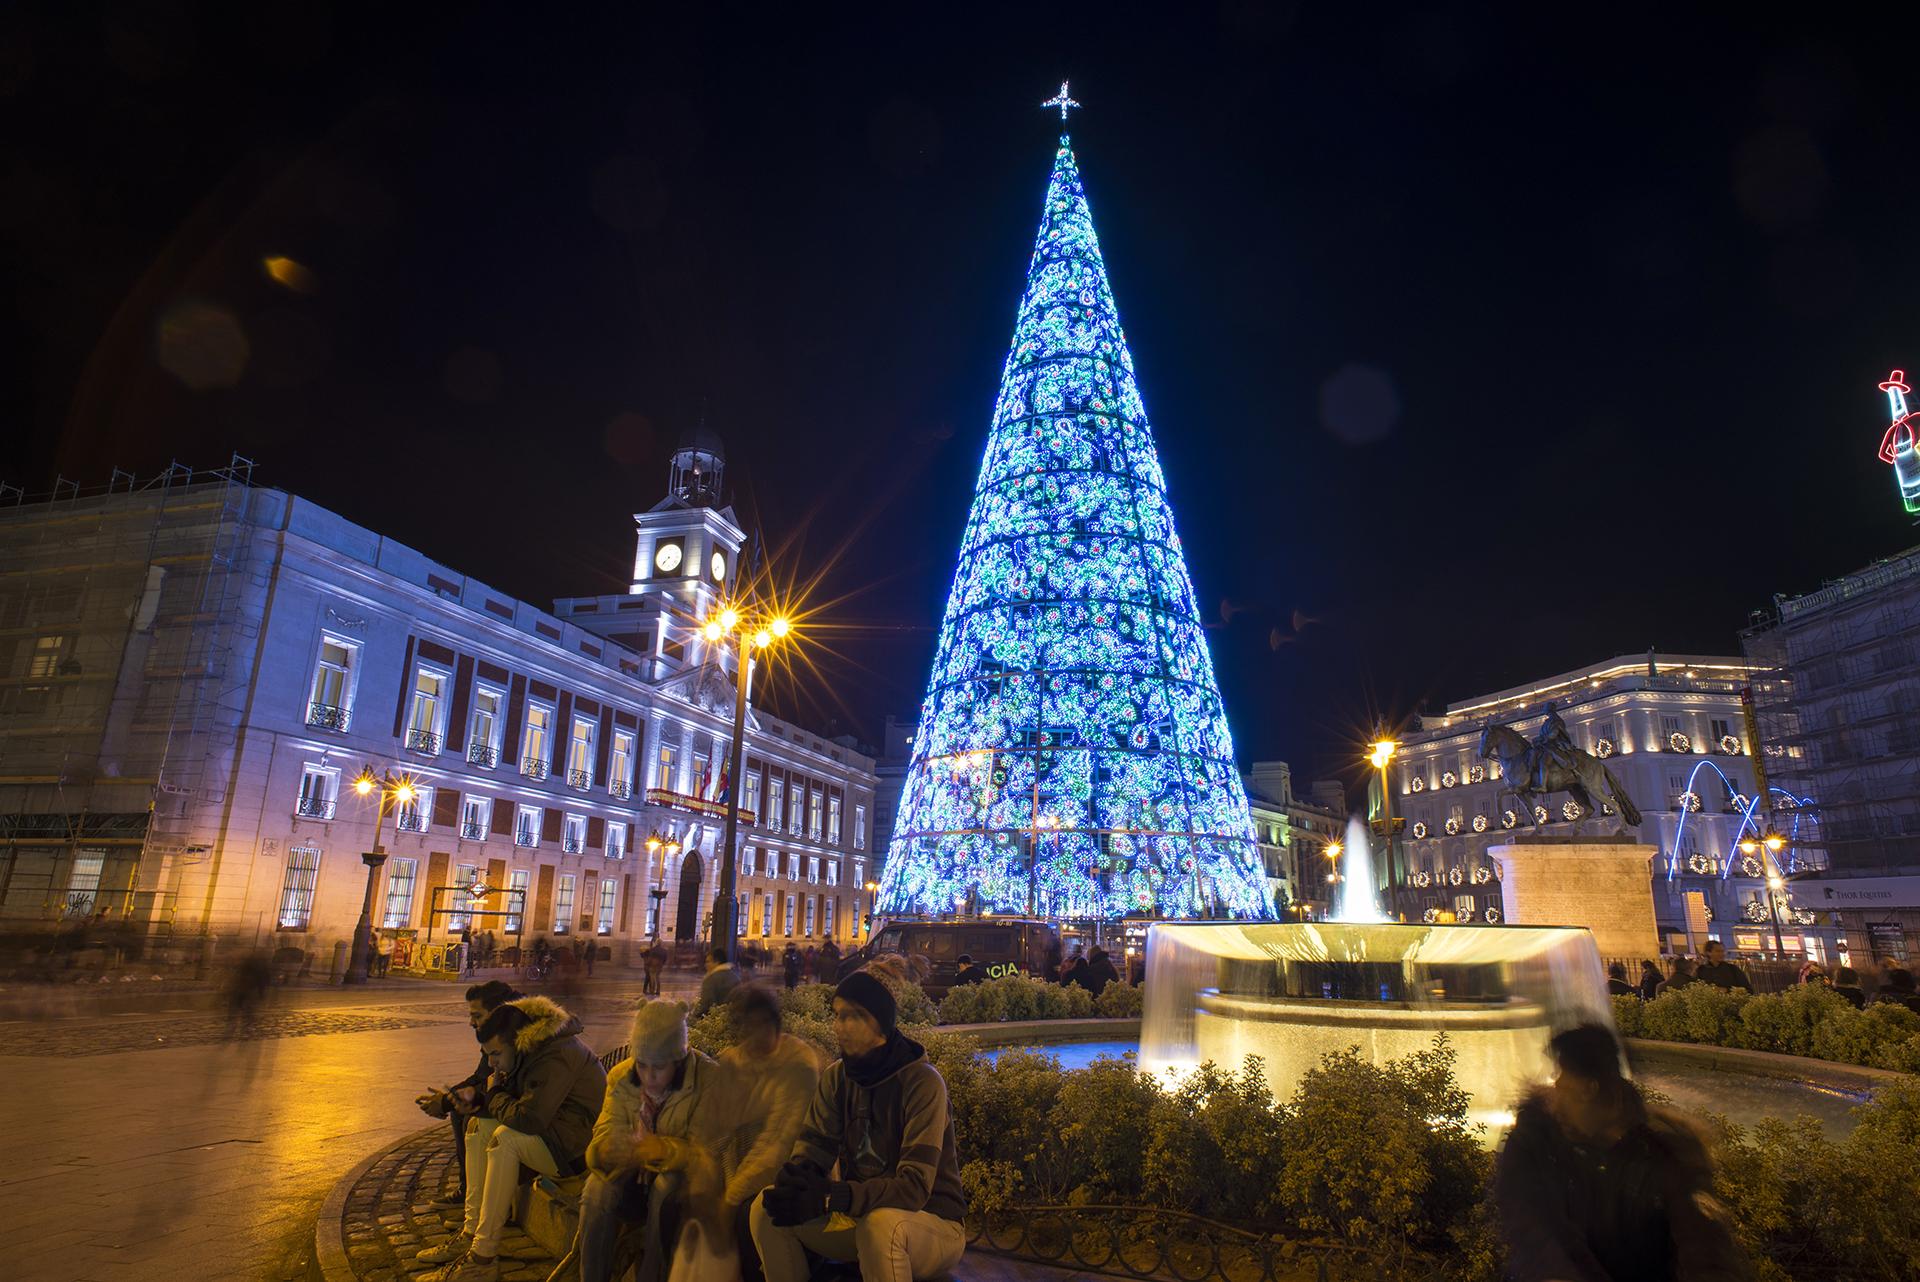 El árbol de Navidad de la Puerta del Sol de Madrid, España